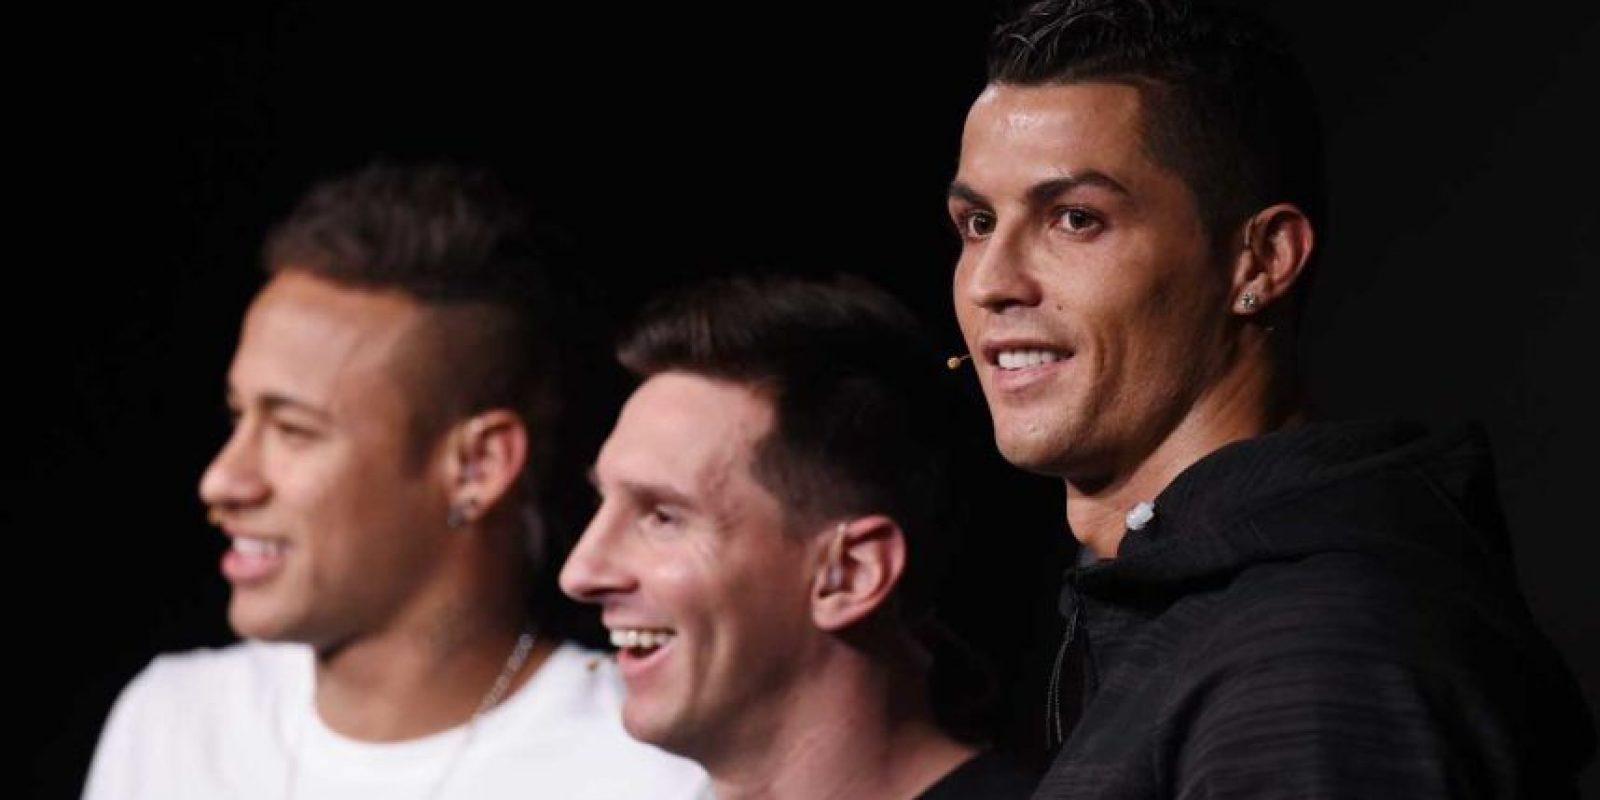 La competencia no pasa más allá. Foto:Getty Images